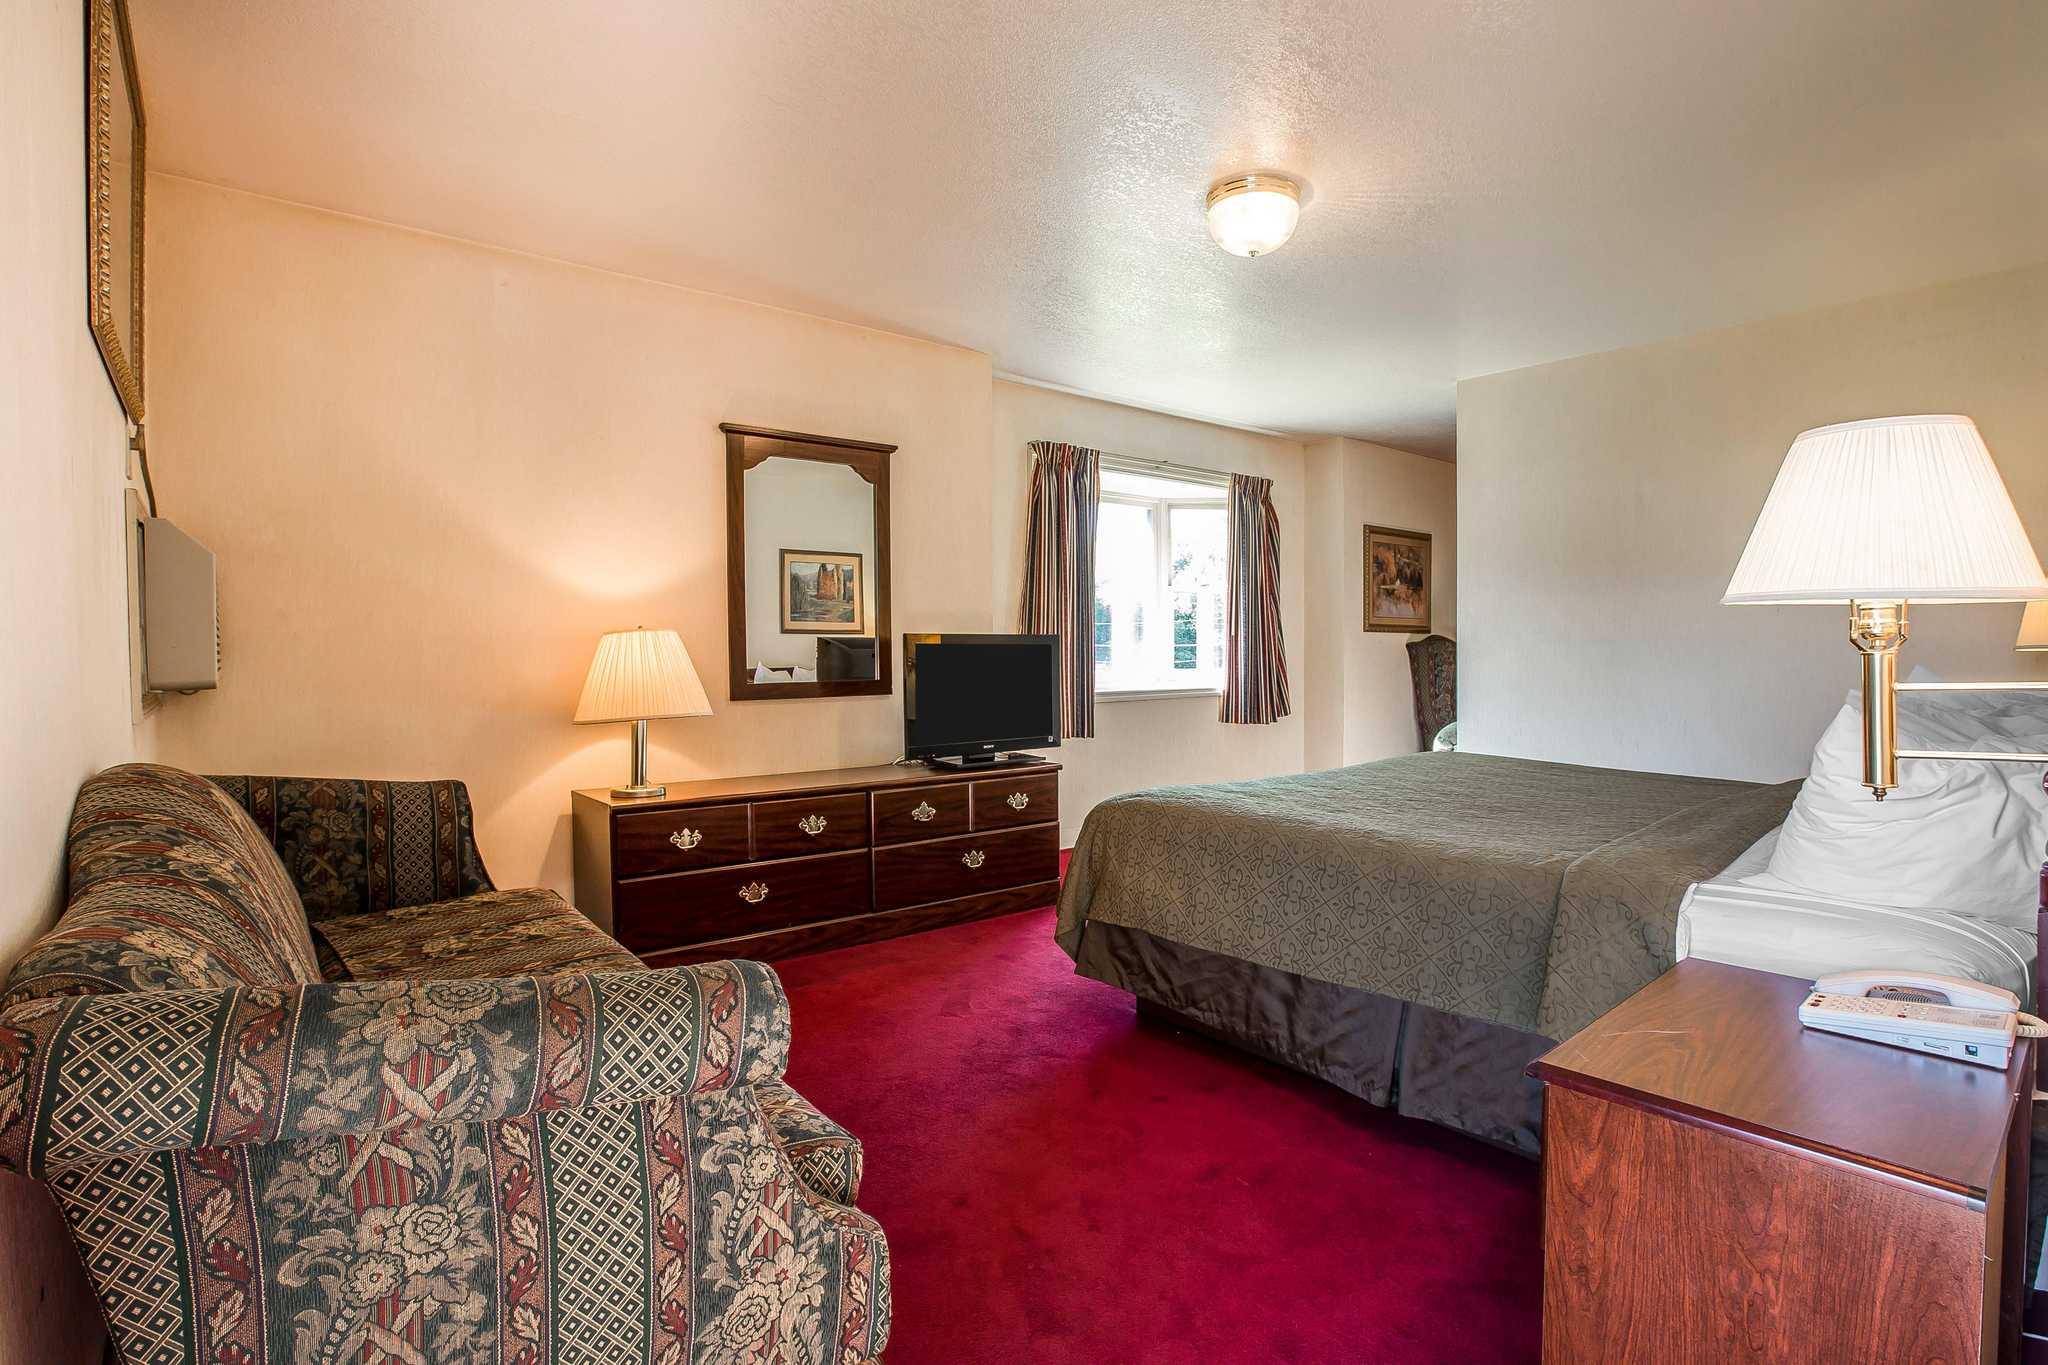 Quality Inn & Suites Mt. Chalet image 22